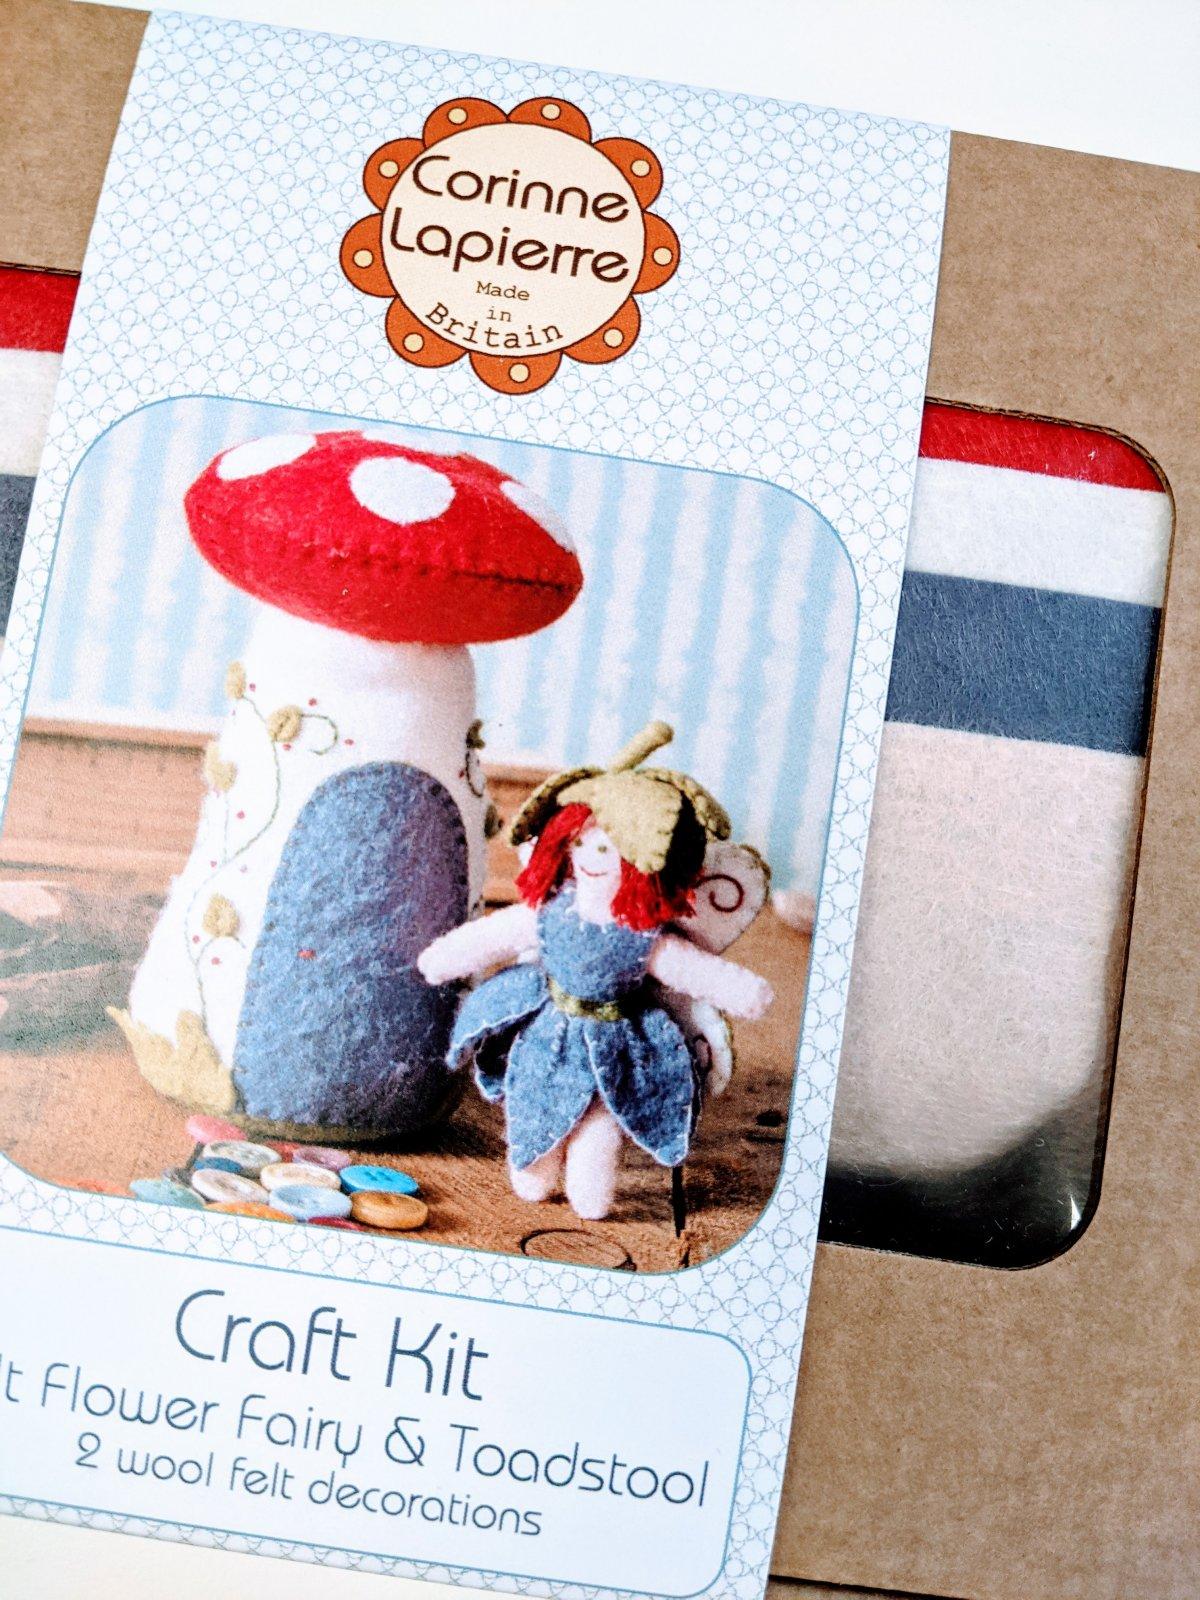 Flower Fairy Felt Kit by Corinne Lapierre